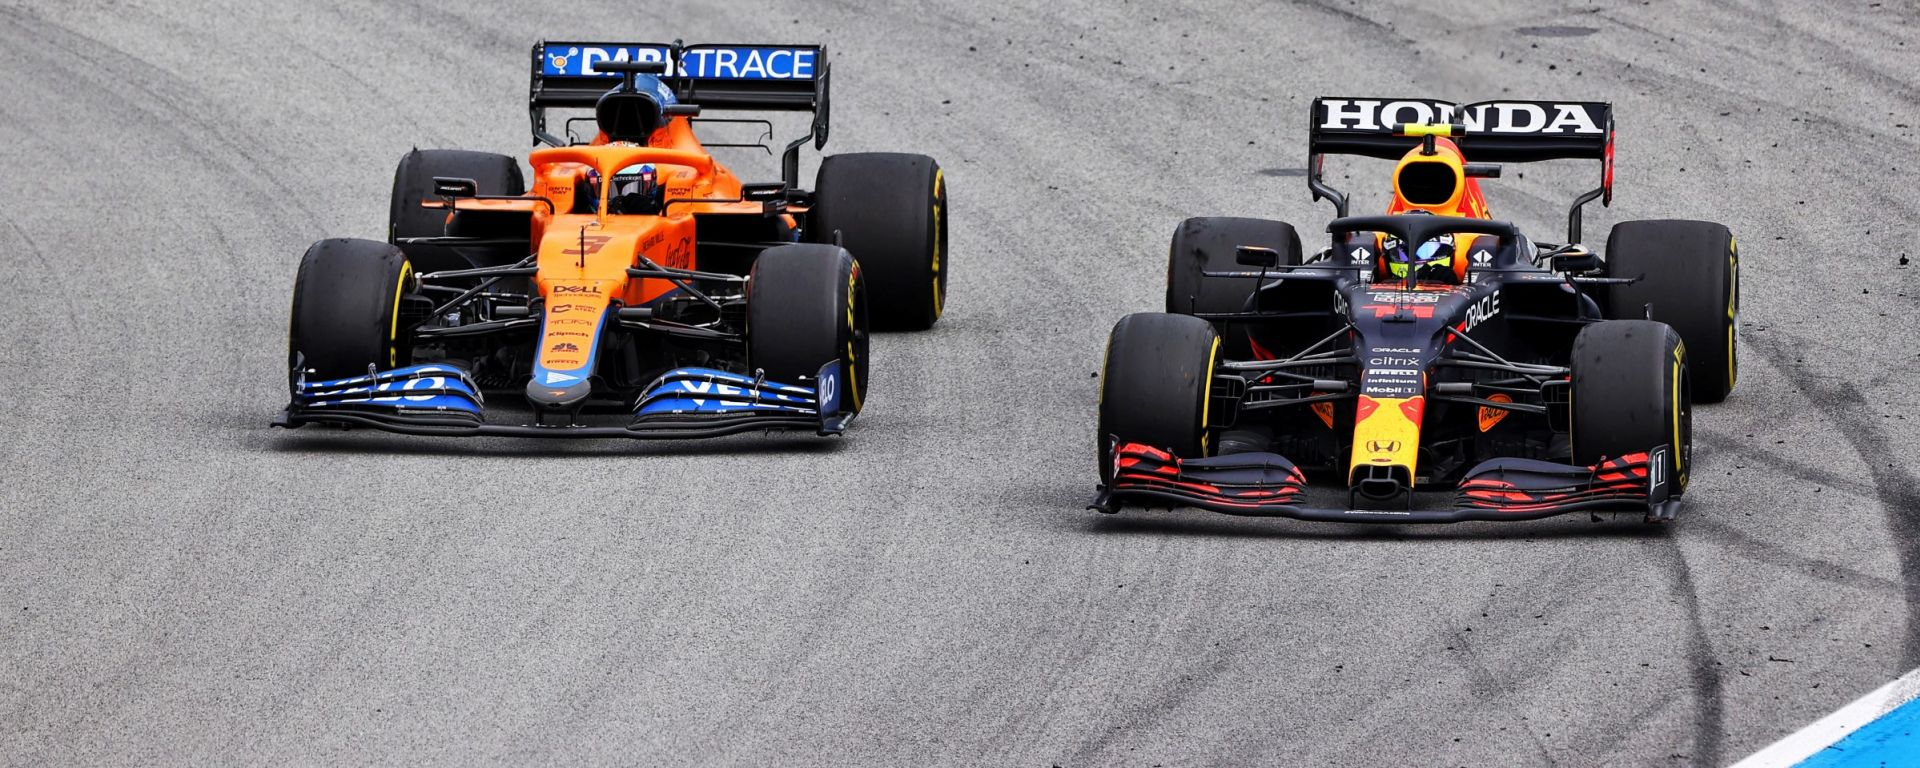 F1, GP Spagna 2021: Sergio Perez (Red Bull) in lotta con Daniel Ricciardo (McLaren)